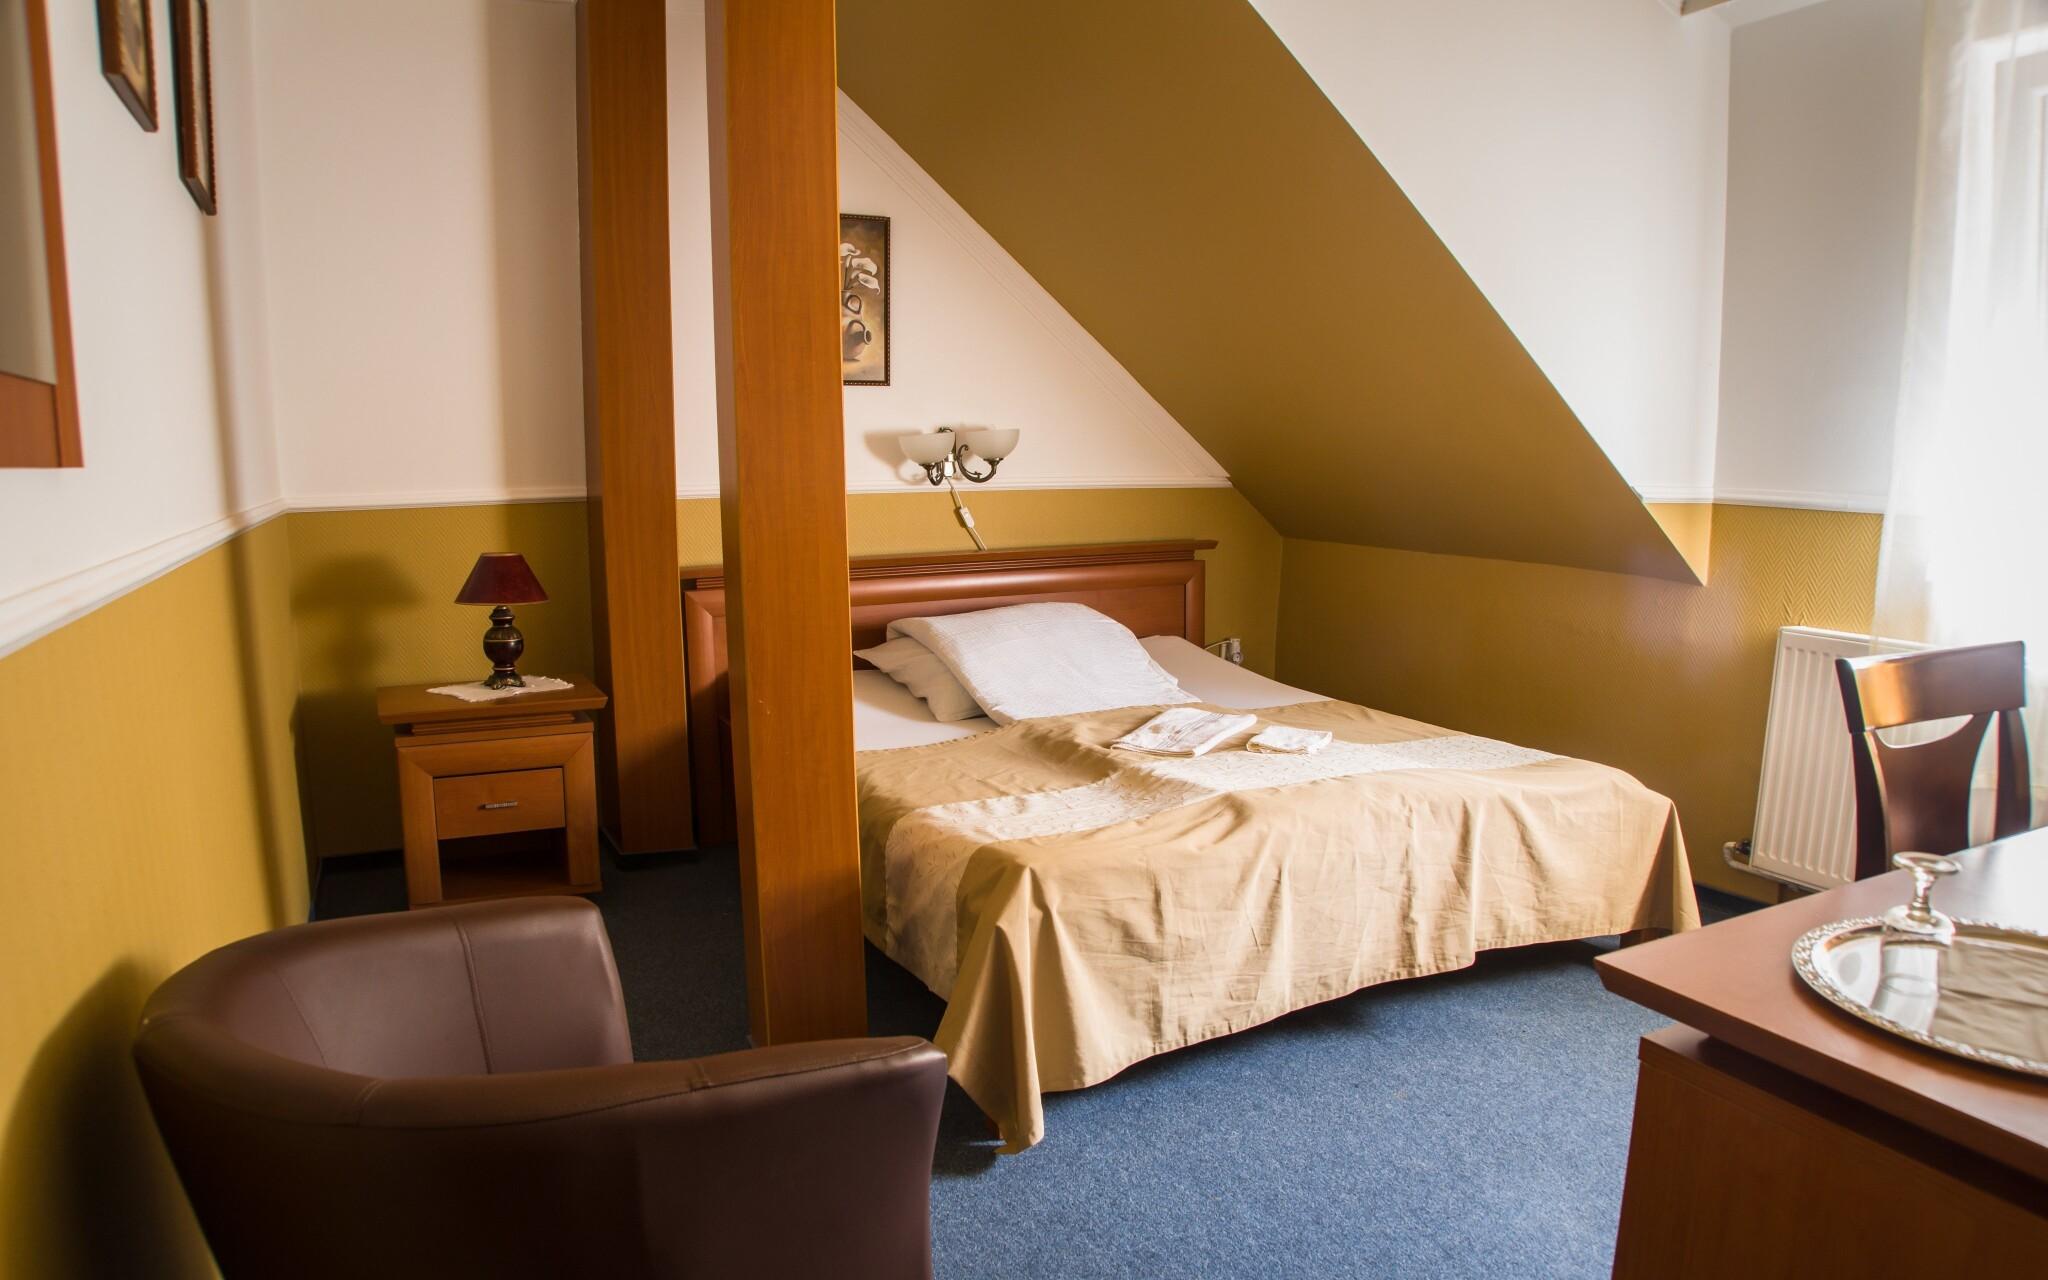 Útulné pokoje nabízejí veškerý komfort